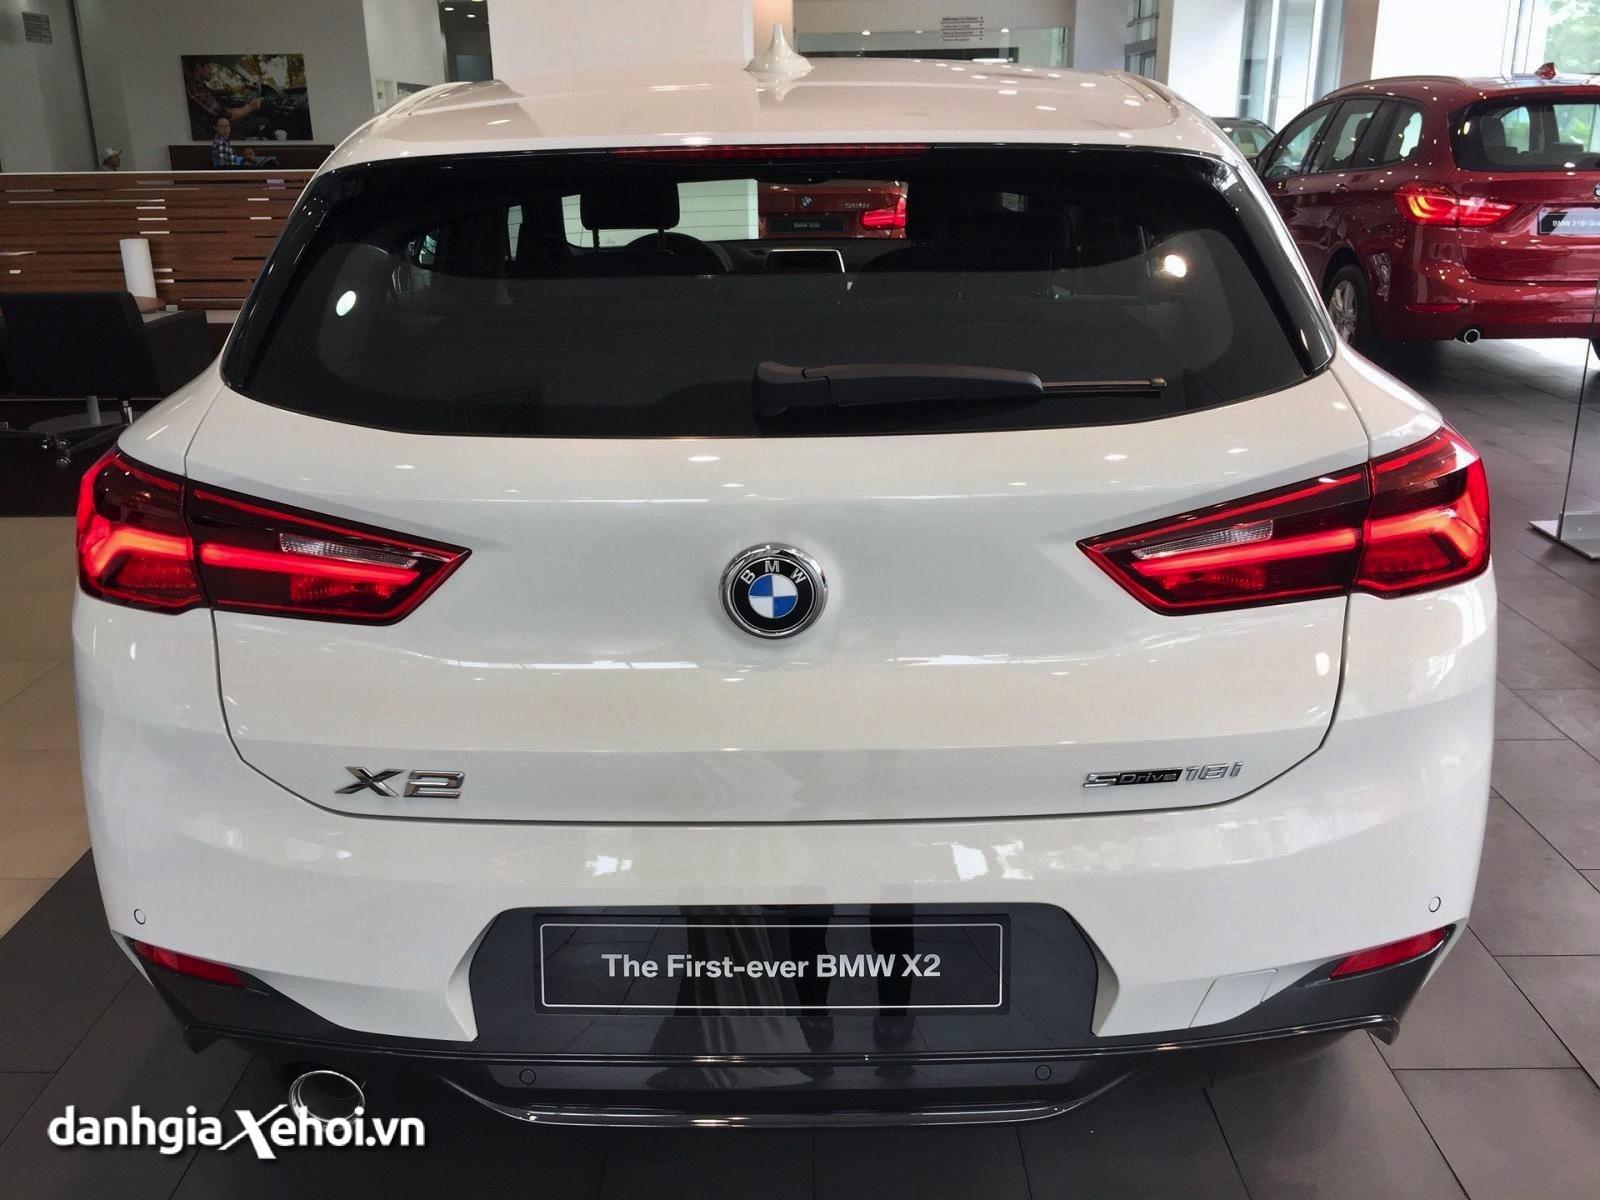 duoi-xe-bmw-x2-2021-danhgiaxehoi-vn-5